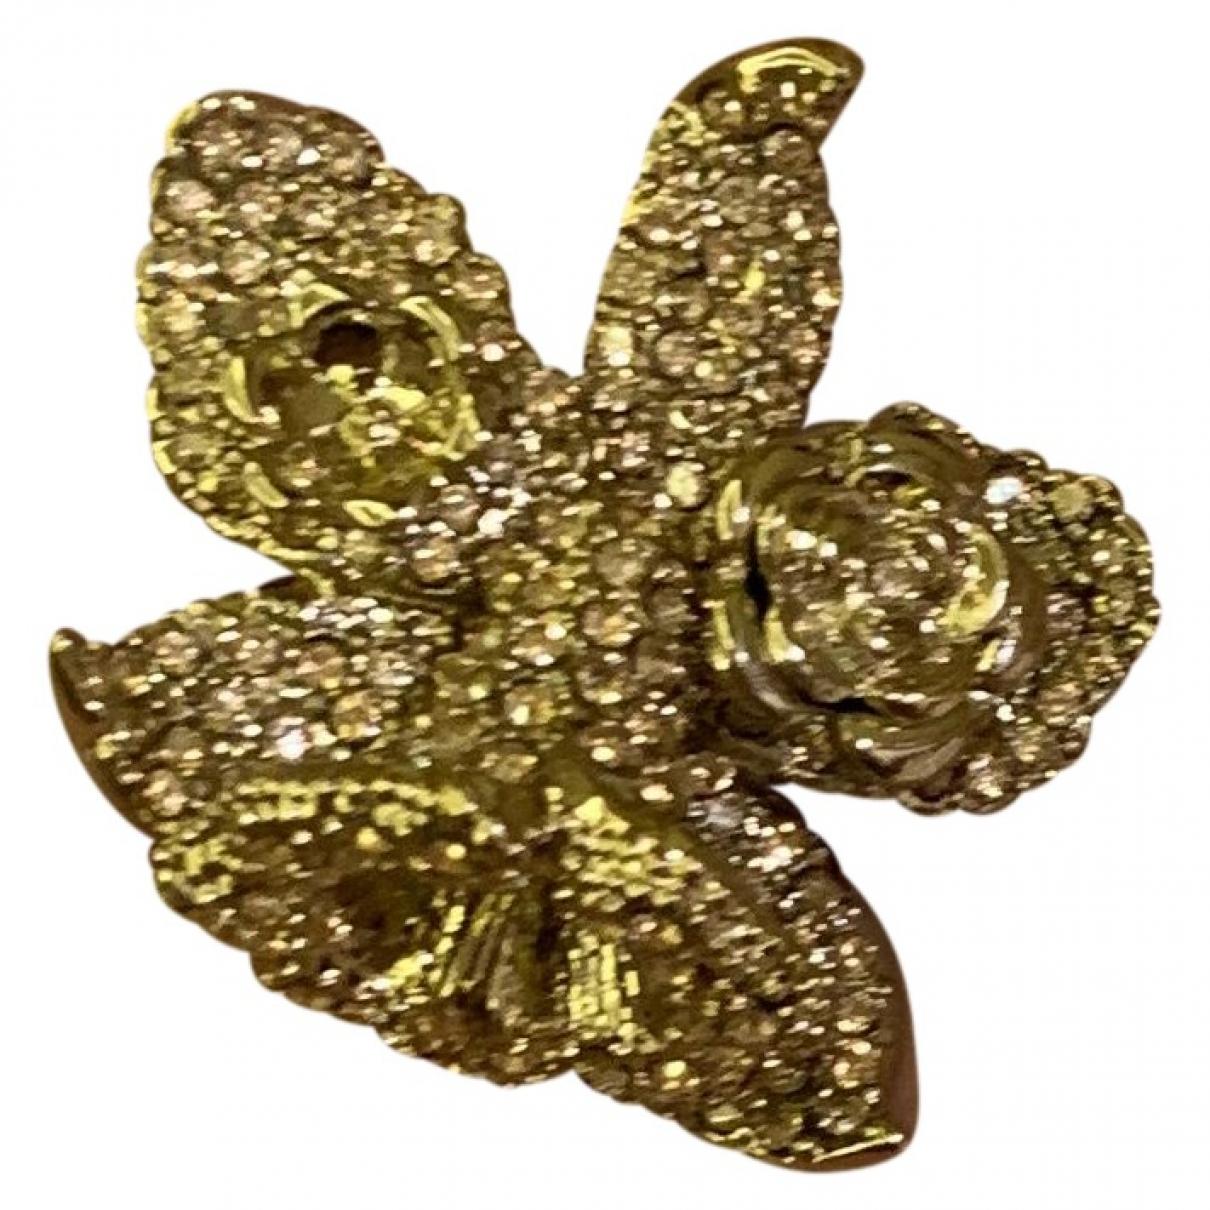 Versace X H&m - Bague   pour femme en plaque or - dore